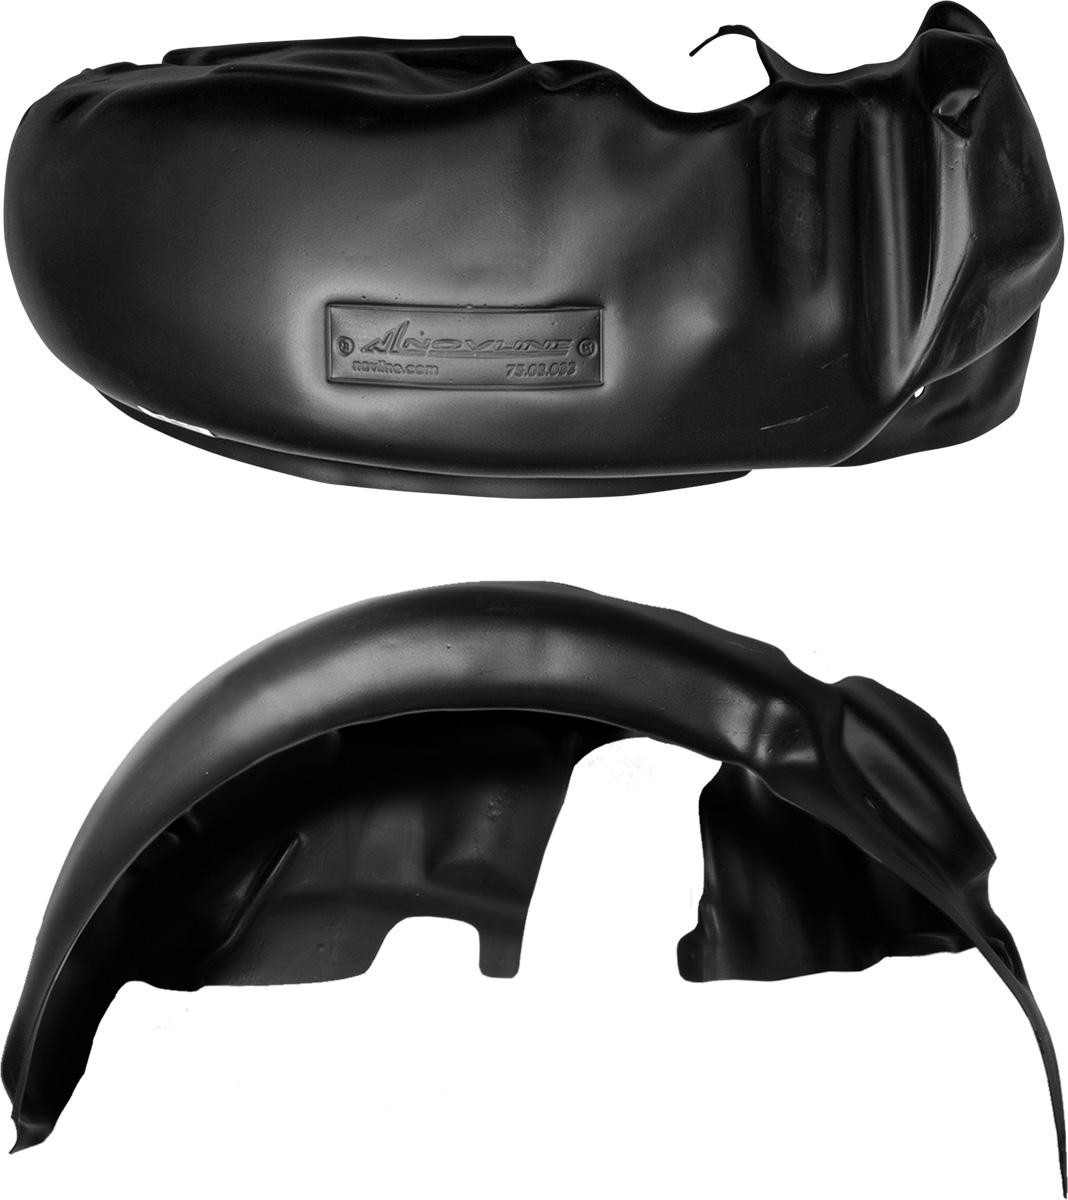 Подкрылок Novline-Autofamily, для Daewoo Nexia 1995-2007, 2007 -> (задний правый)2104Подкрылок выполнен из высококачественного, экологически чистого пластика. Обеспечивает надежную защиту кузова автомобиля от пескоструйного эффекта и негативного влияния, агрессивных антигололедных реагентов. Пластик обладает более низкой теплопроводностью, чем металл, поэтому в зимний период эксплуатации использование пластиковых подкрылков позволяет лучше защитить колесные ниши от налипания снега и образования наледи. Оригинальность конструкции подчеркивает элегантность автомобиля, бережно защищает нанесенное на днище кузова антикоррозийное покрытие и позволяет осуществить крепление подкрылка внутри колесной арки практически без дополнительного крепежа и сверления, не нарушая при этом лакокрасочного покрытия, что предотвращает возникновение новых очагов коррозии. Технология крепления подкрылка на иномарки принципиально отличается от крепления на российские автомобили и разрабатывается индивидуально для каждой модели автомобиля. Подкрылок долговечен, обладает высокой прочностью и...